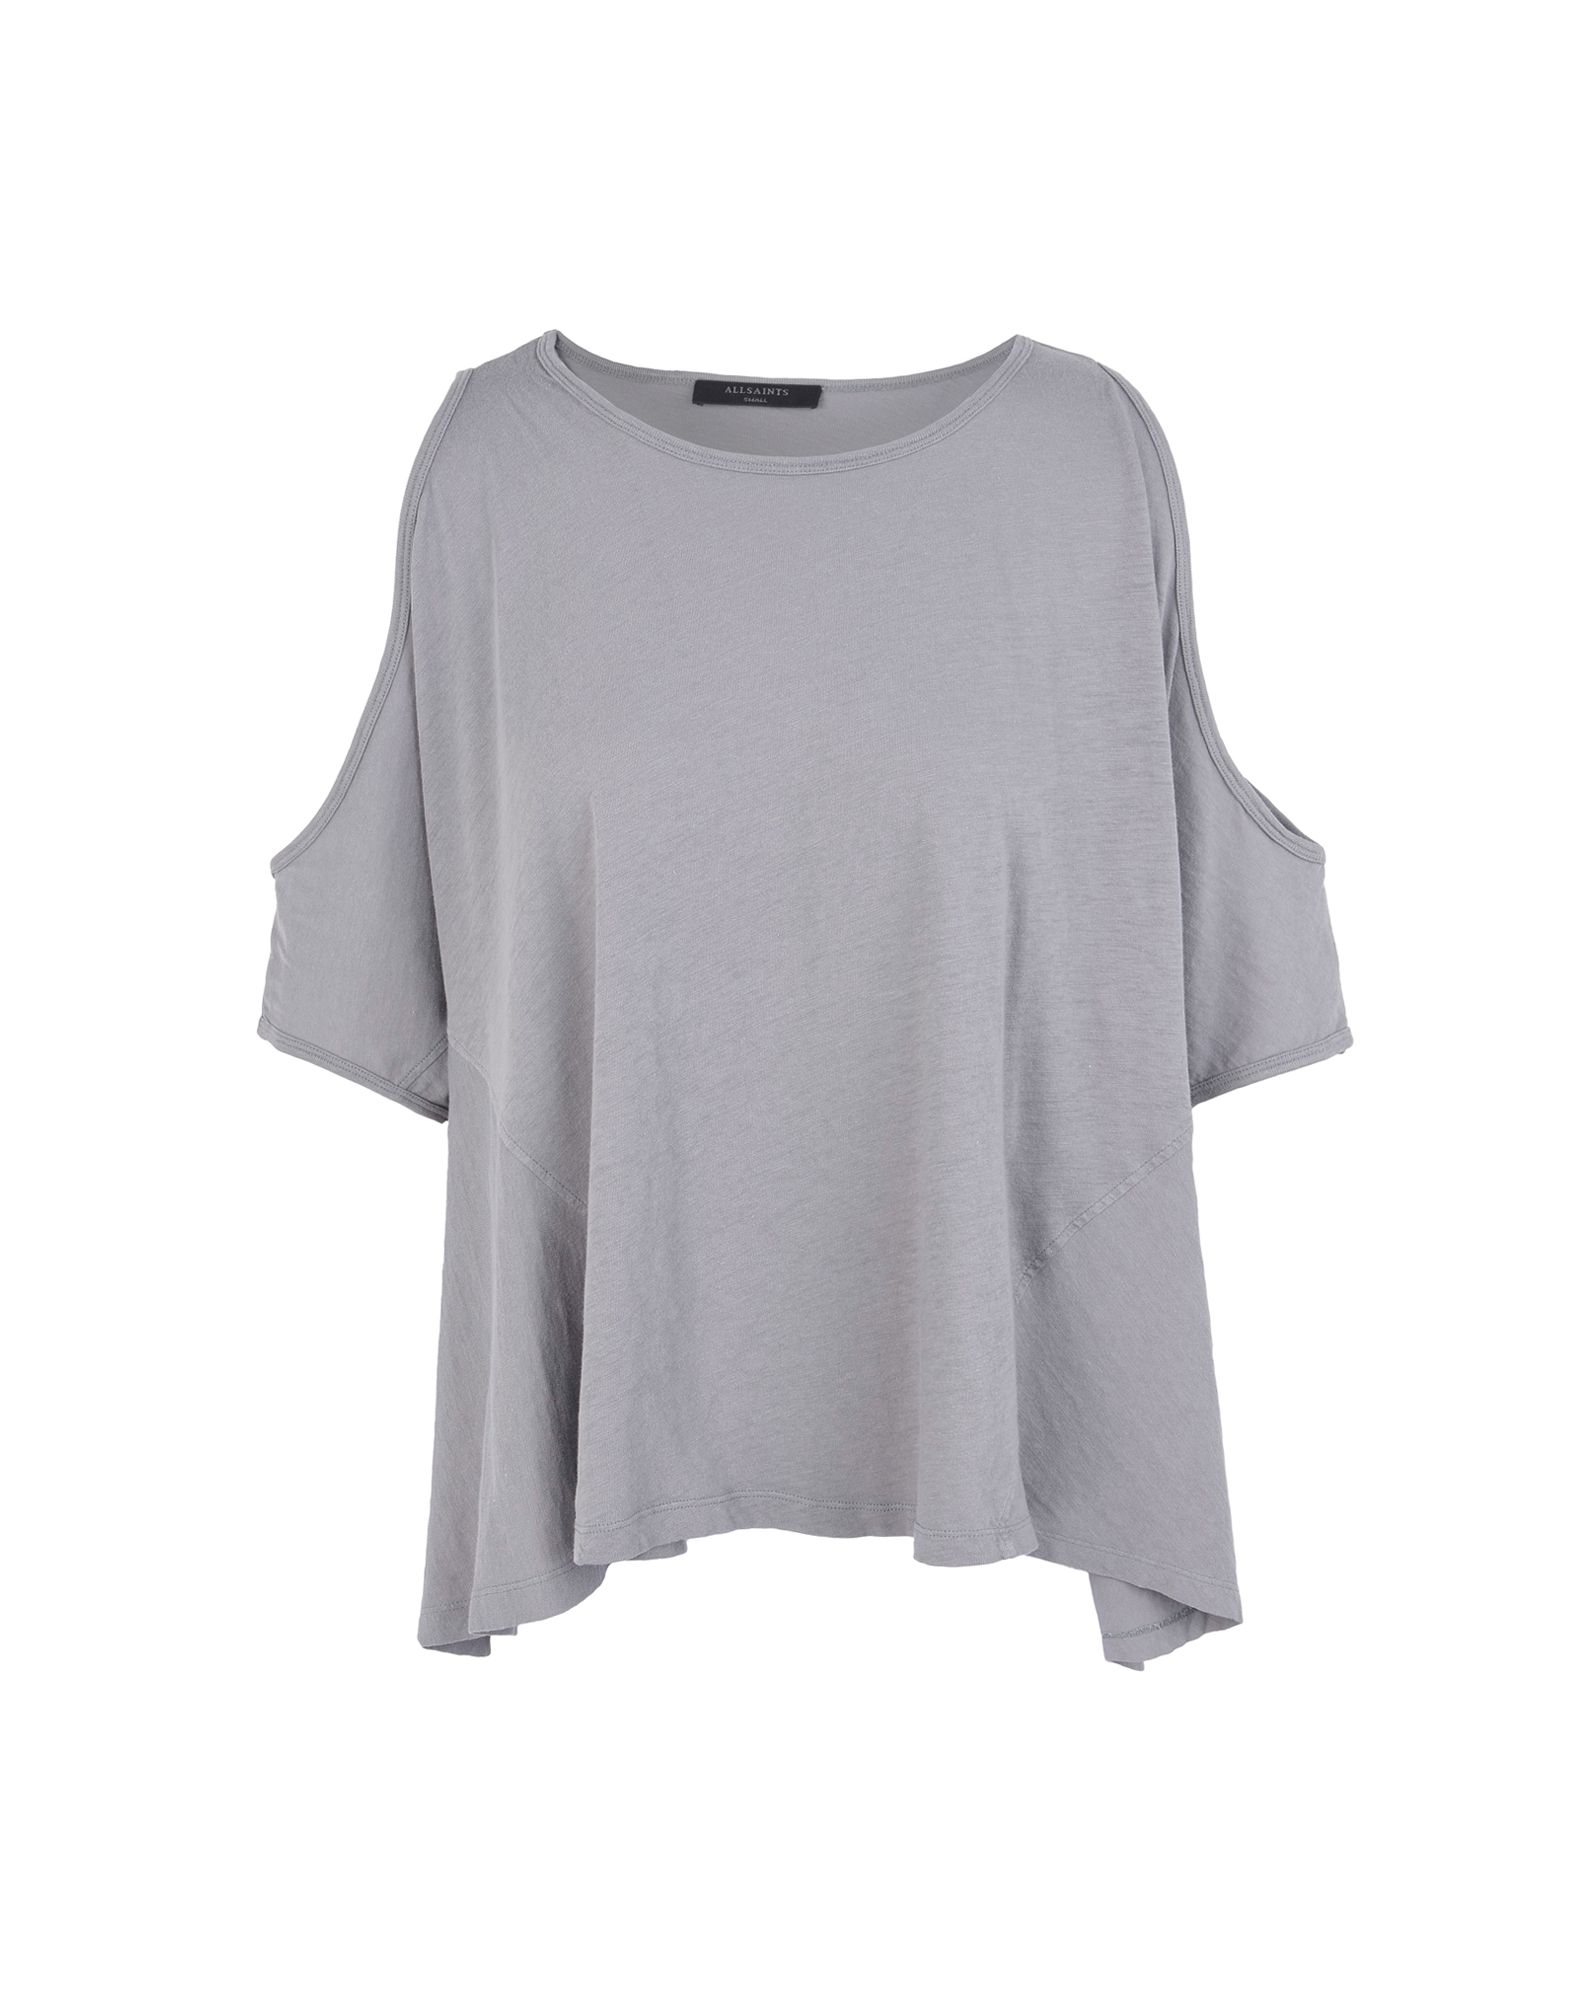 9b5915fbeab0b Allsaints Ella Fifi Tee - T-Shirt - Women Allsaints T-Shirts online on YOOX  Romania - 12208089JO